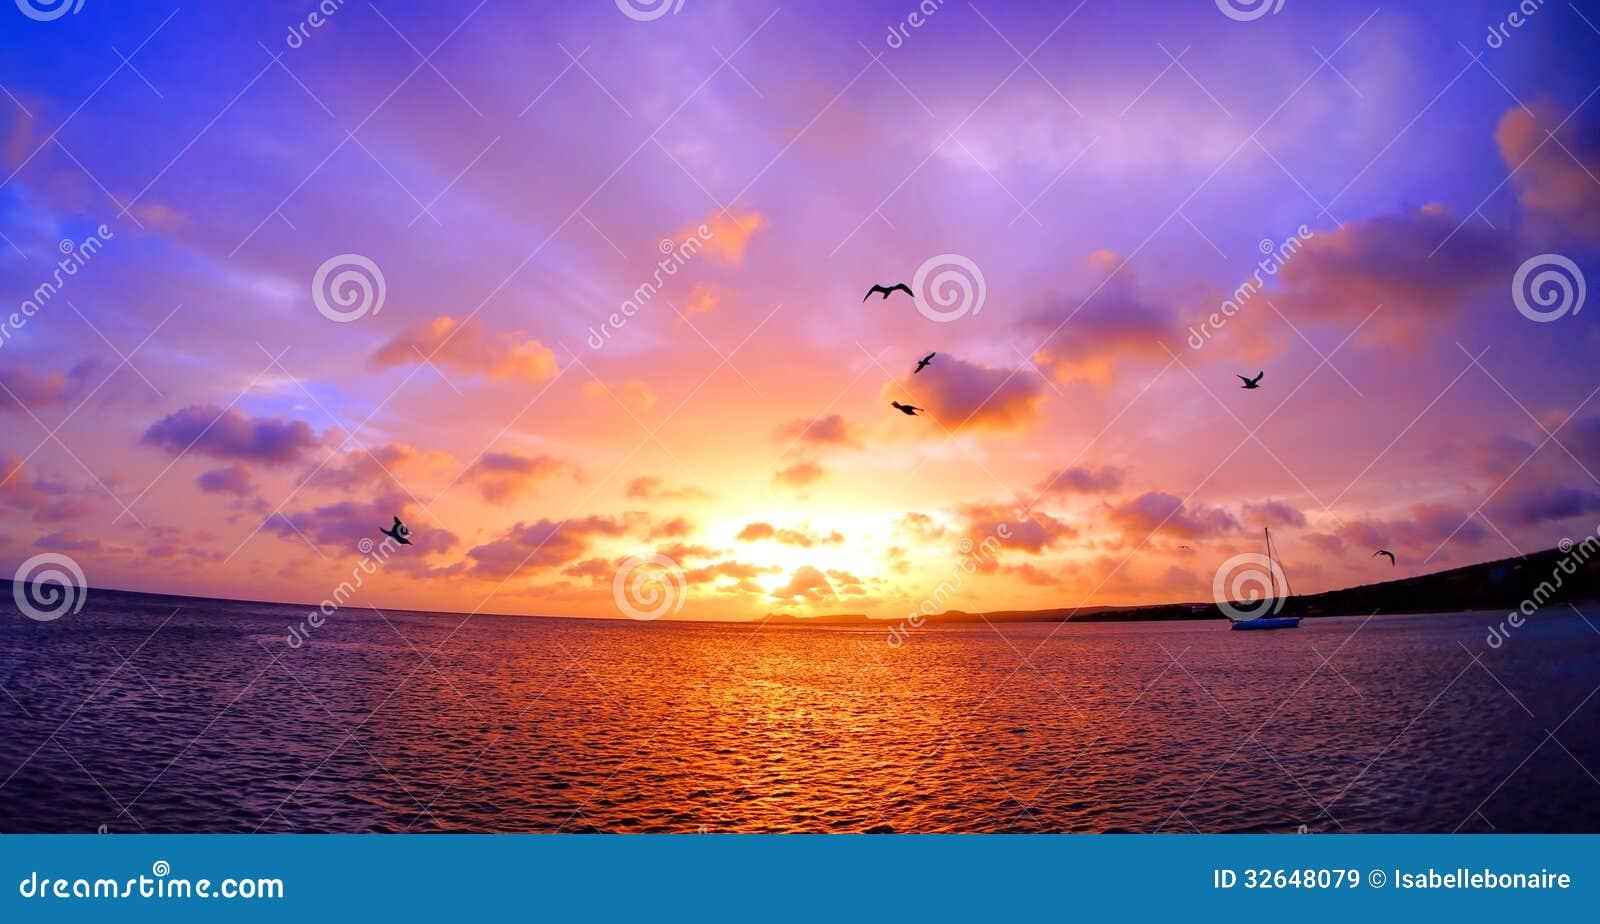 Ζαλίζοντας ζωηρόχρωμο ηλιοβασίλεμα στις Καραϊβικές Θάλασσες